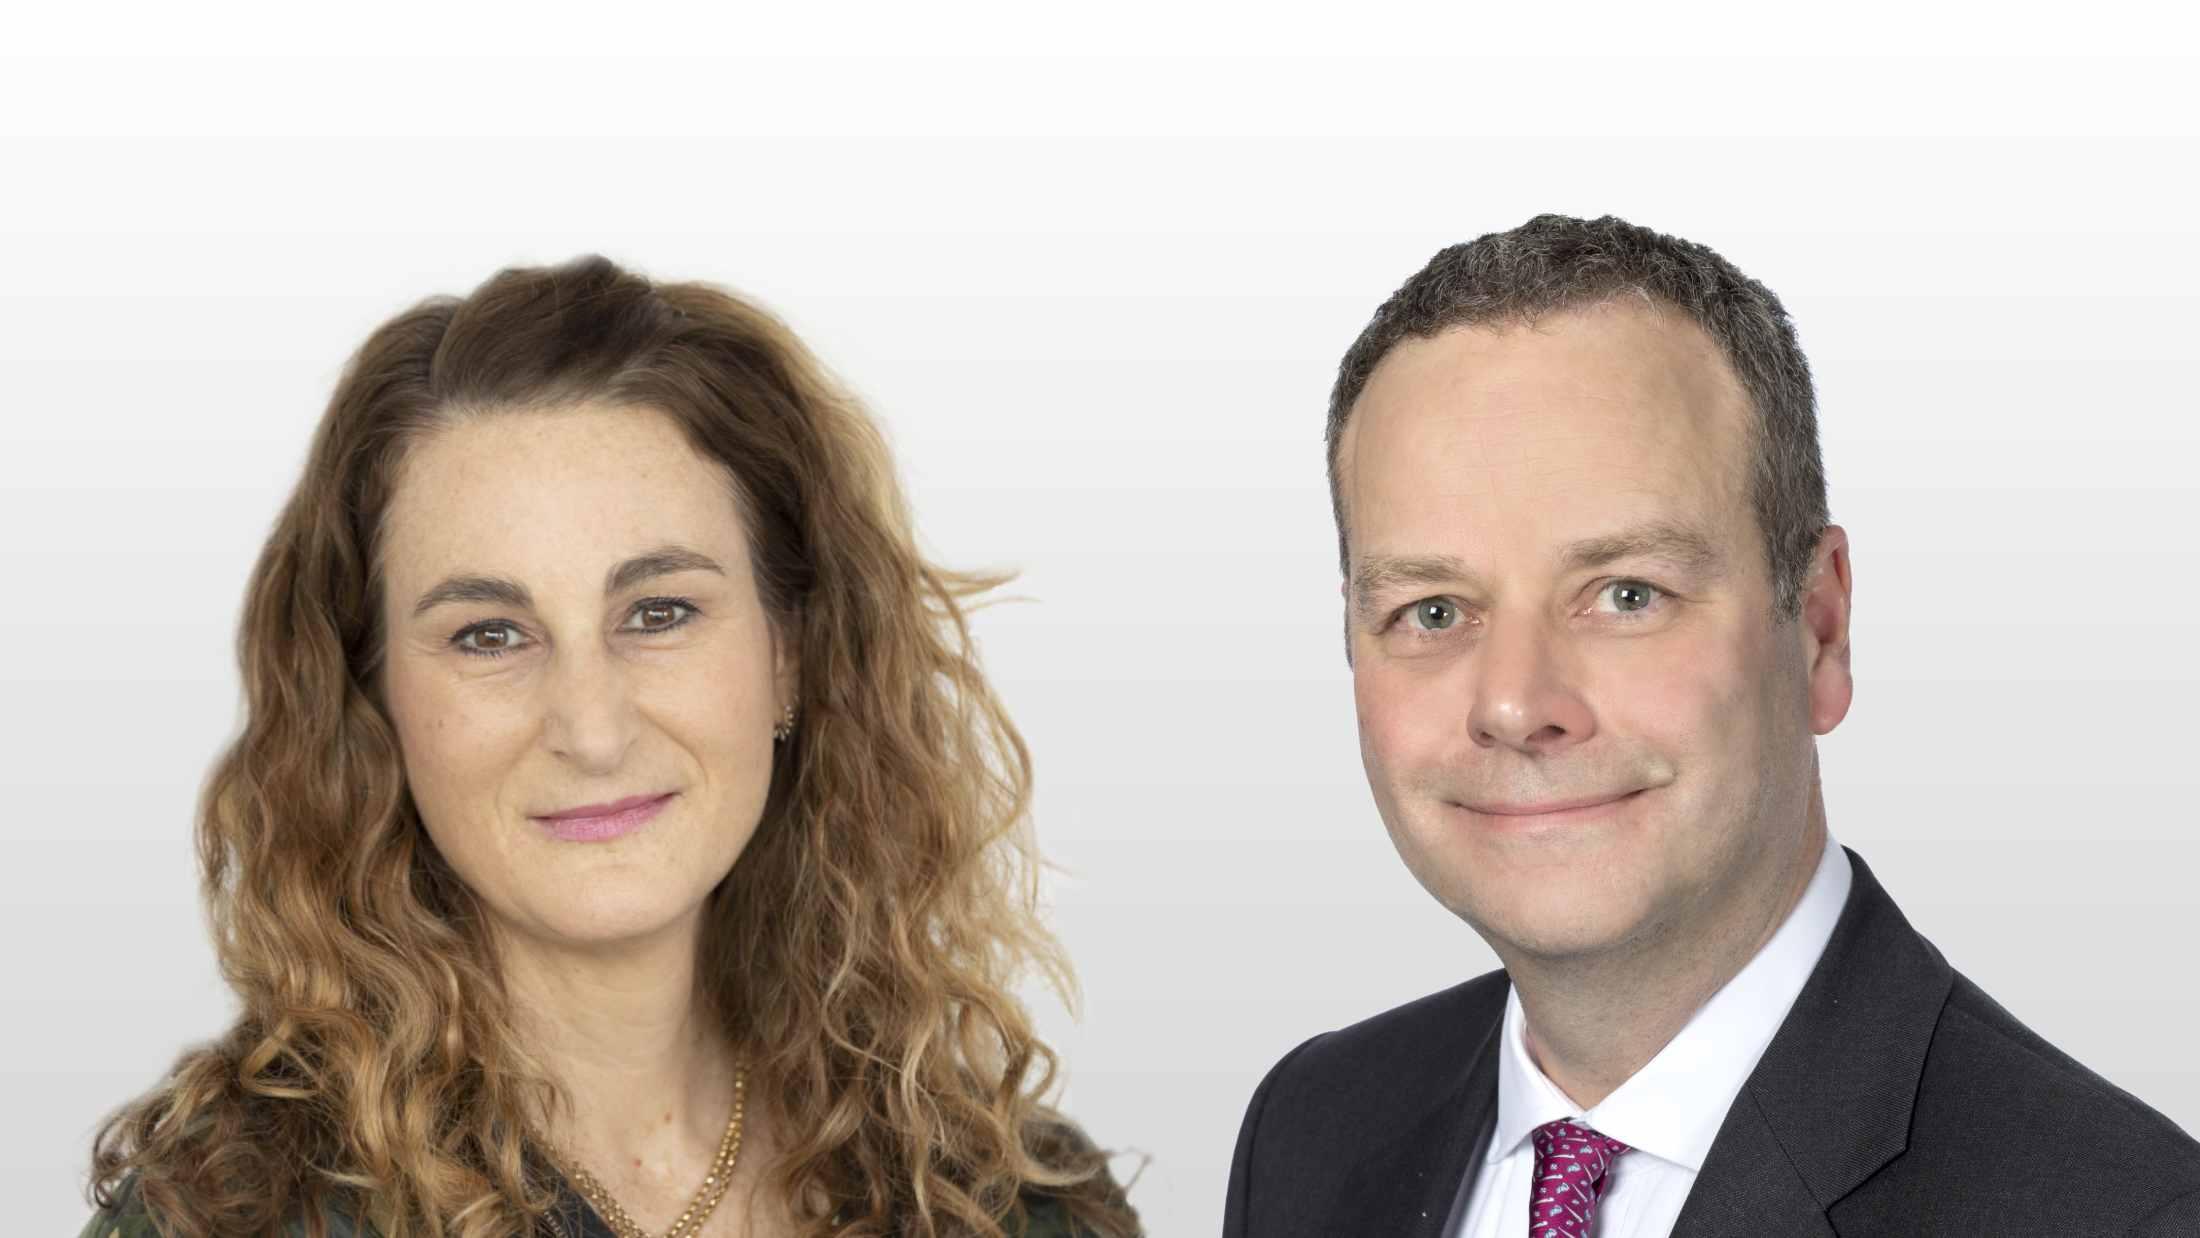 Emily Coupland and Edward Davis, General Counsel, AXA UK and Ireland